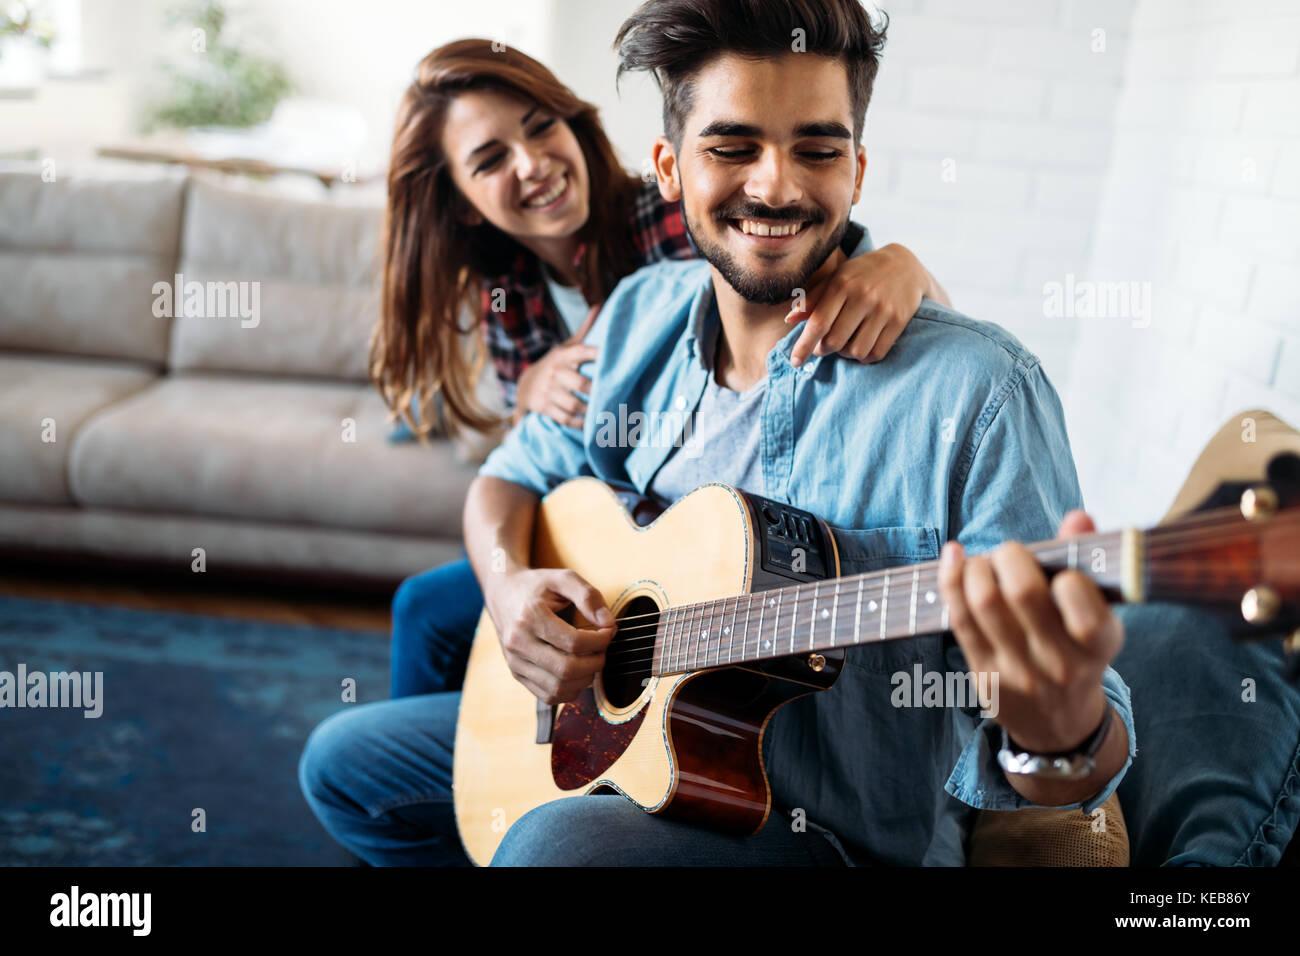 Giovane uomo bello suonare la chitarra per la sua ragazza Immagini Stock